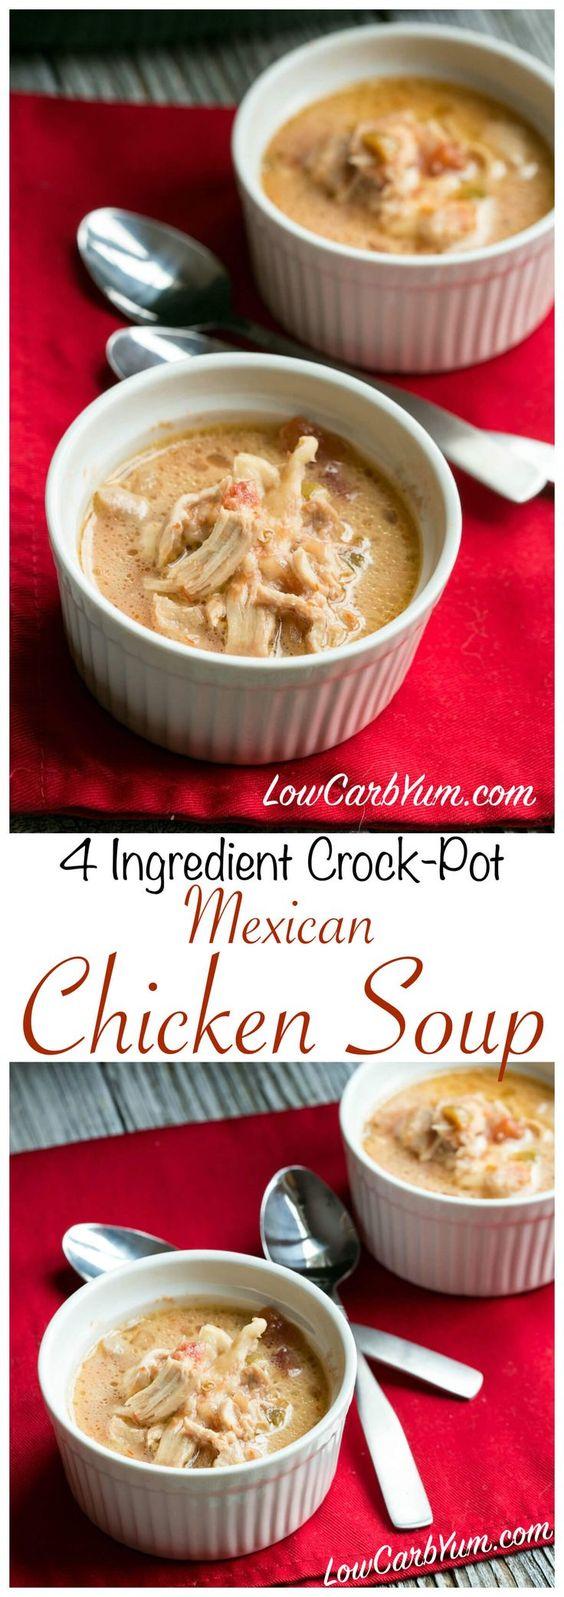 Low Carb Crock Pot Chicken Soup